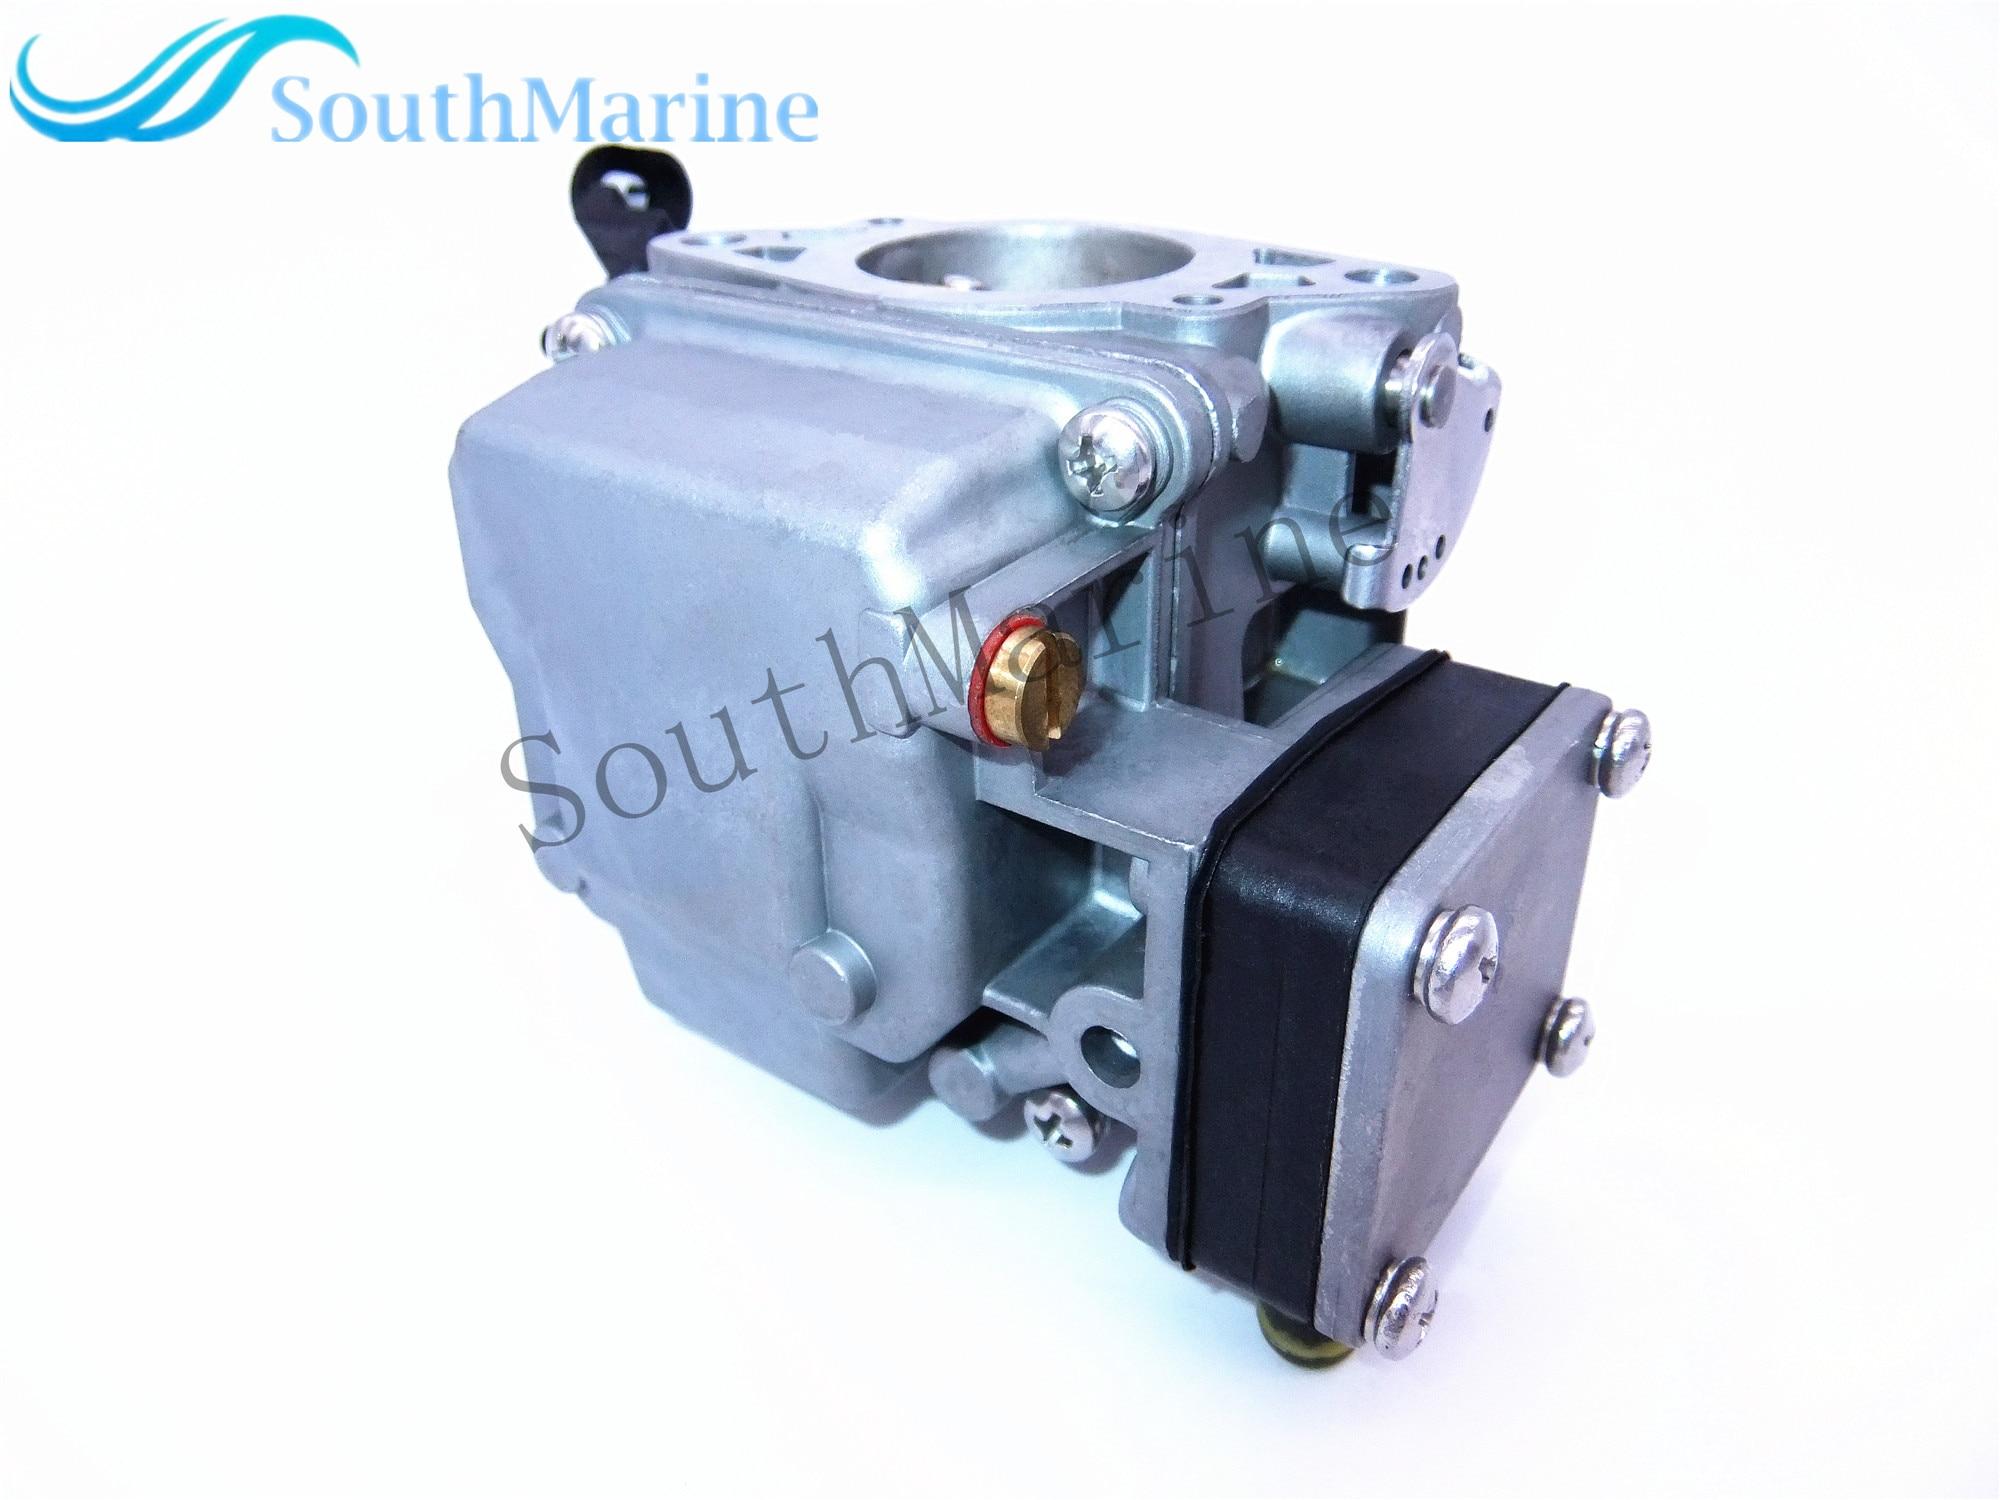 Boat Carburetor for Hangkai 2-Stroke 9.9HP 15HP 18HP Outboard MotorBoat Carburetor for Hangkai 2-Stroke 9.9HP 15HP 18HP Outboard Motor